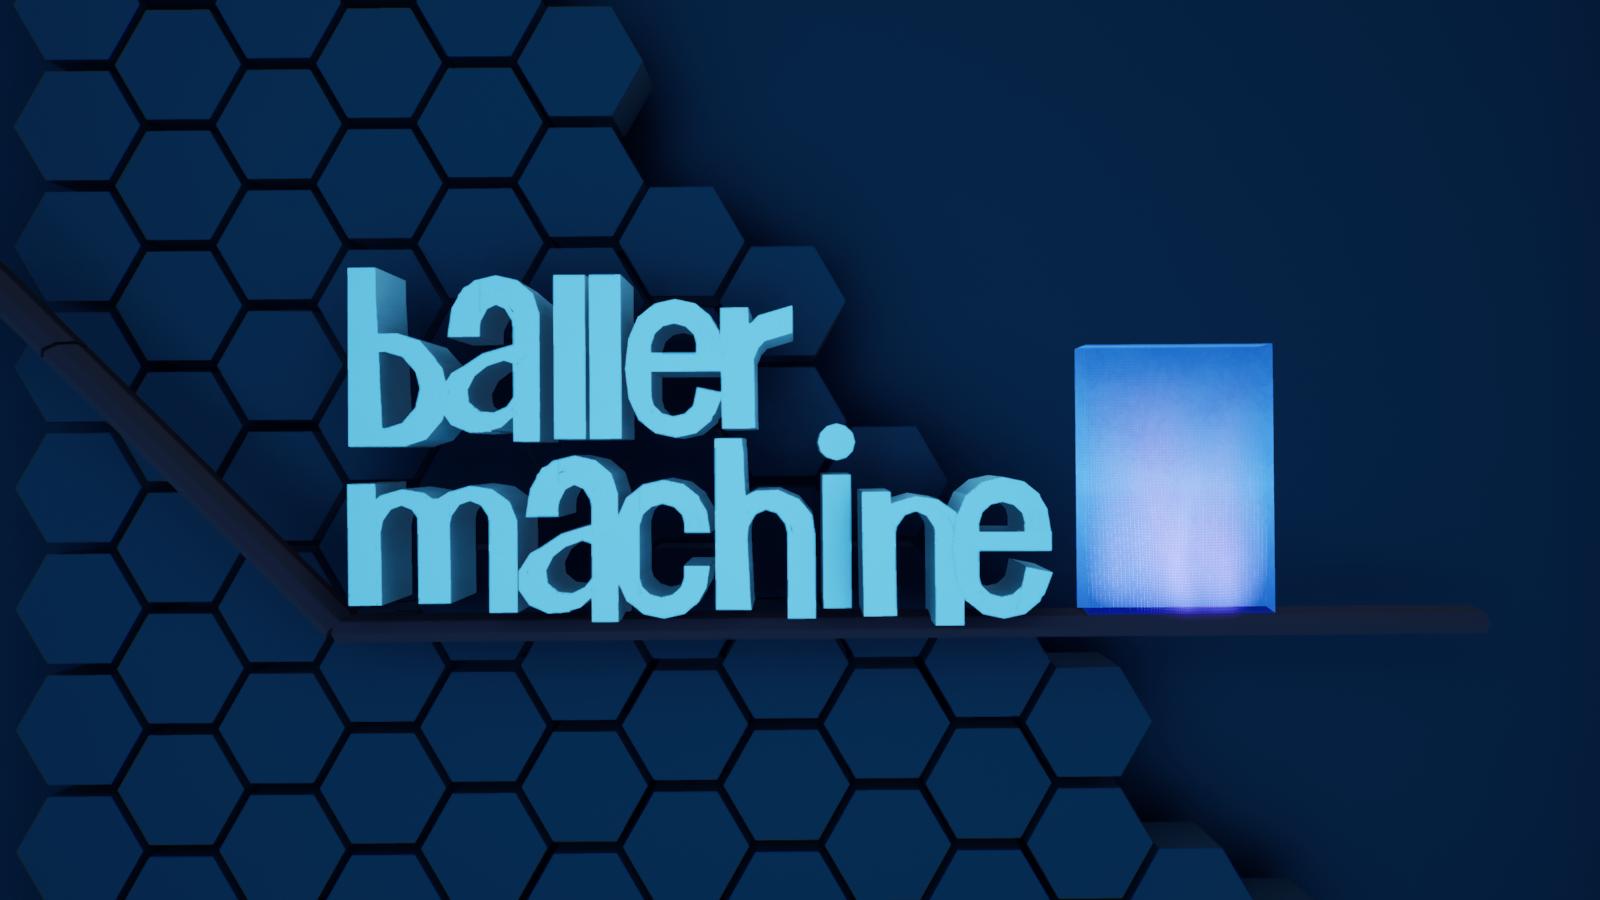 Baller Machine 2091-1010-7318 by daan._.